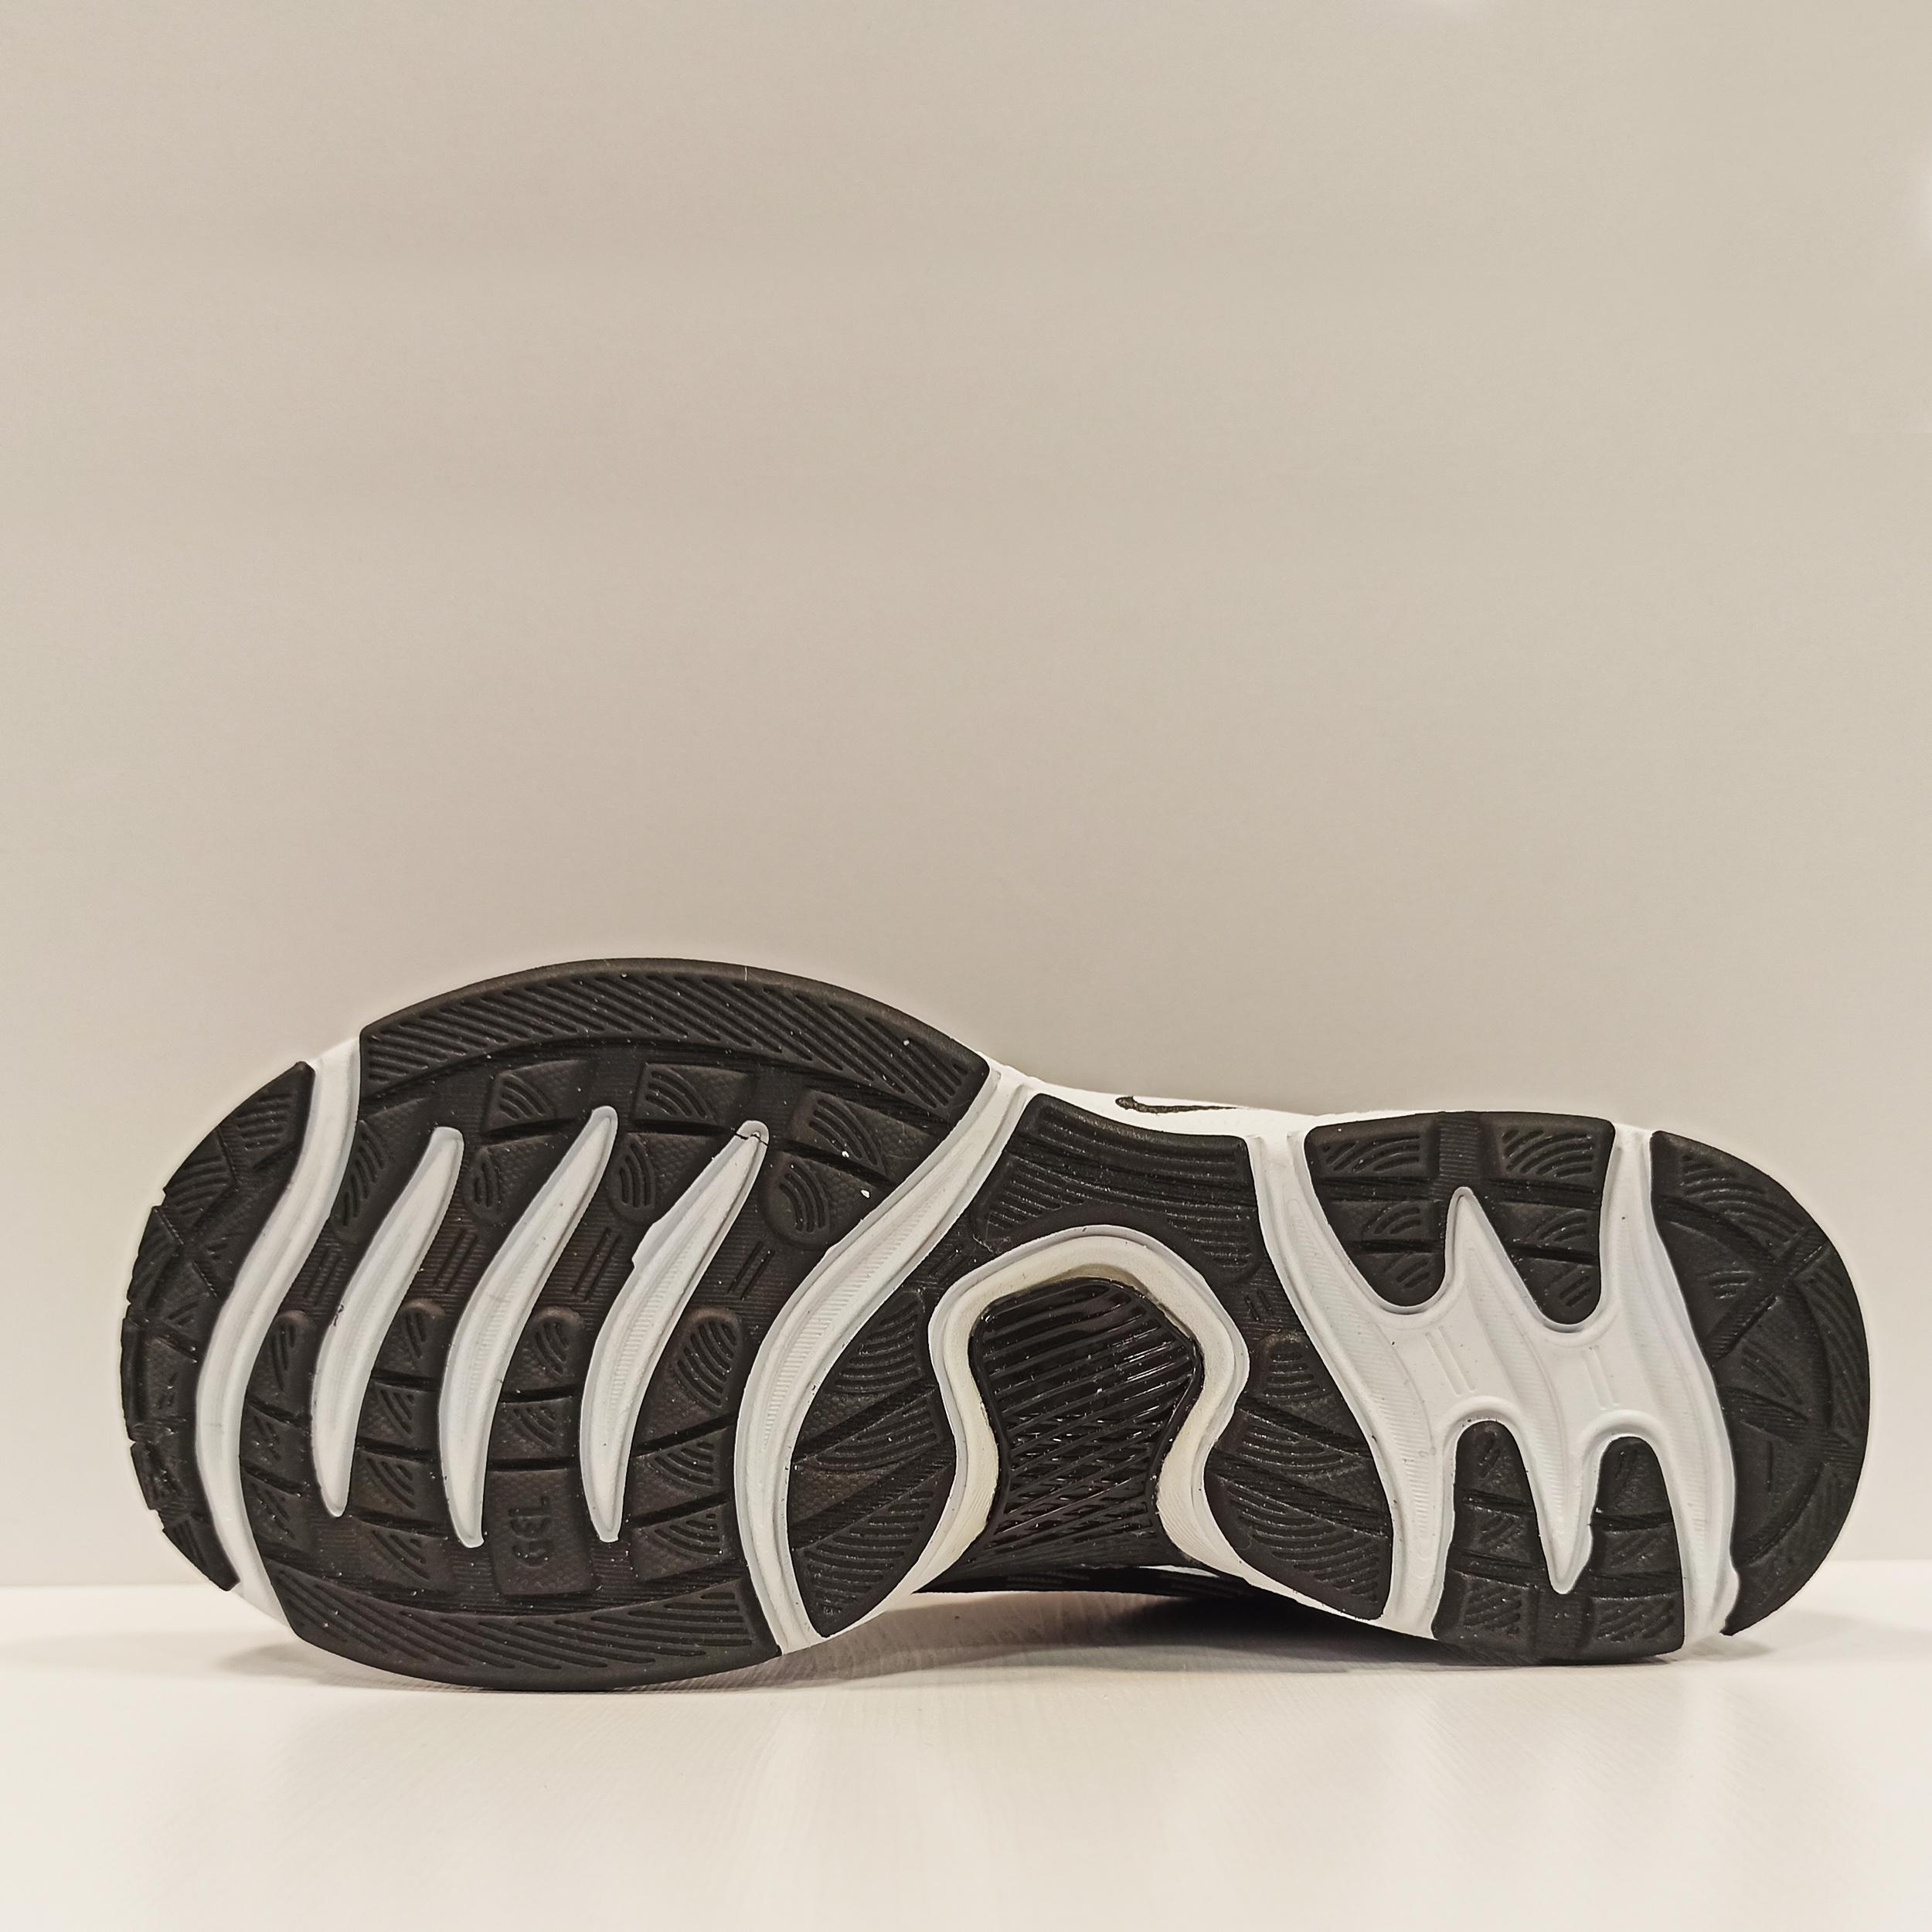 کفش پیاده روی مردانه مدل QX2 main 1 2